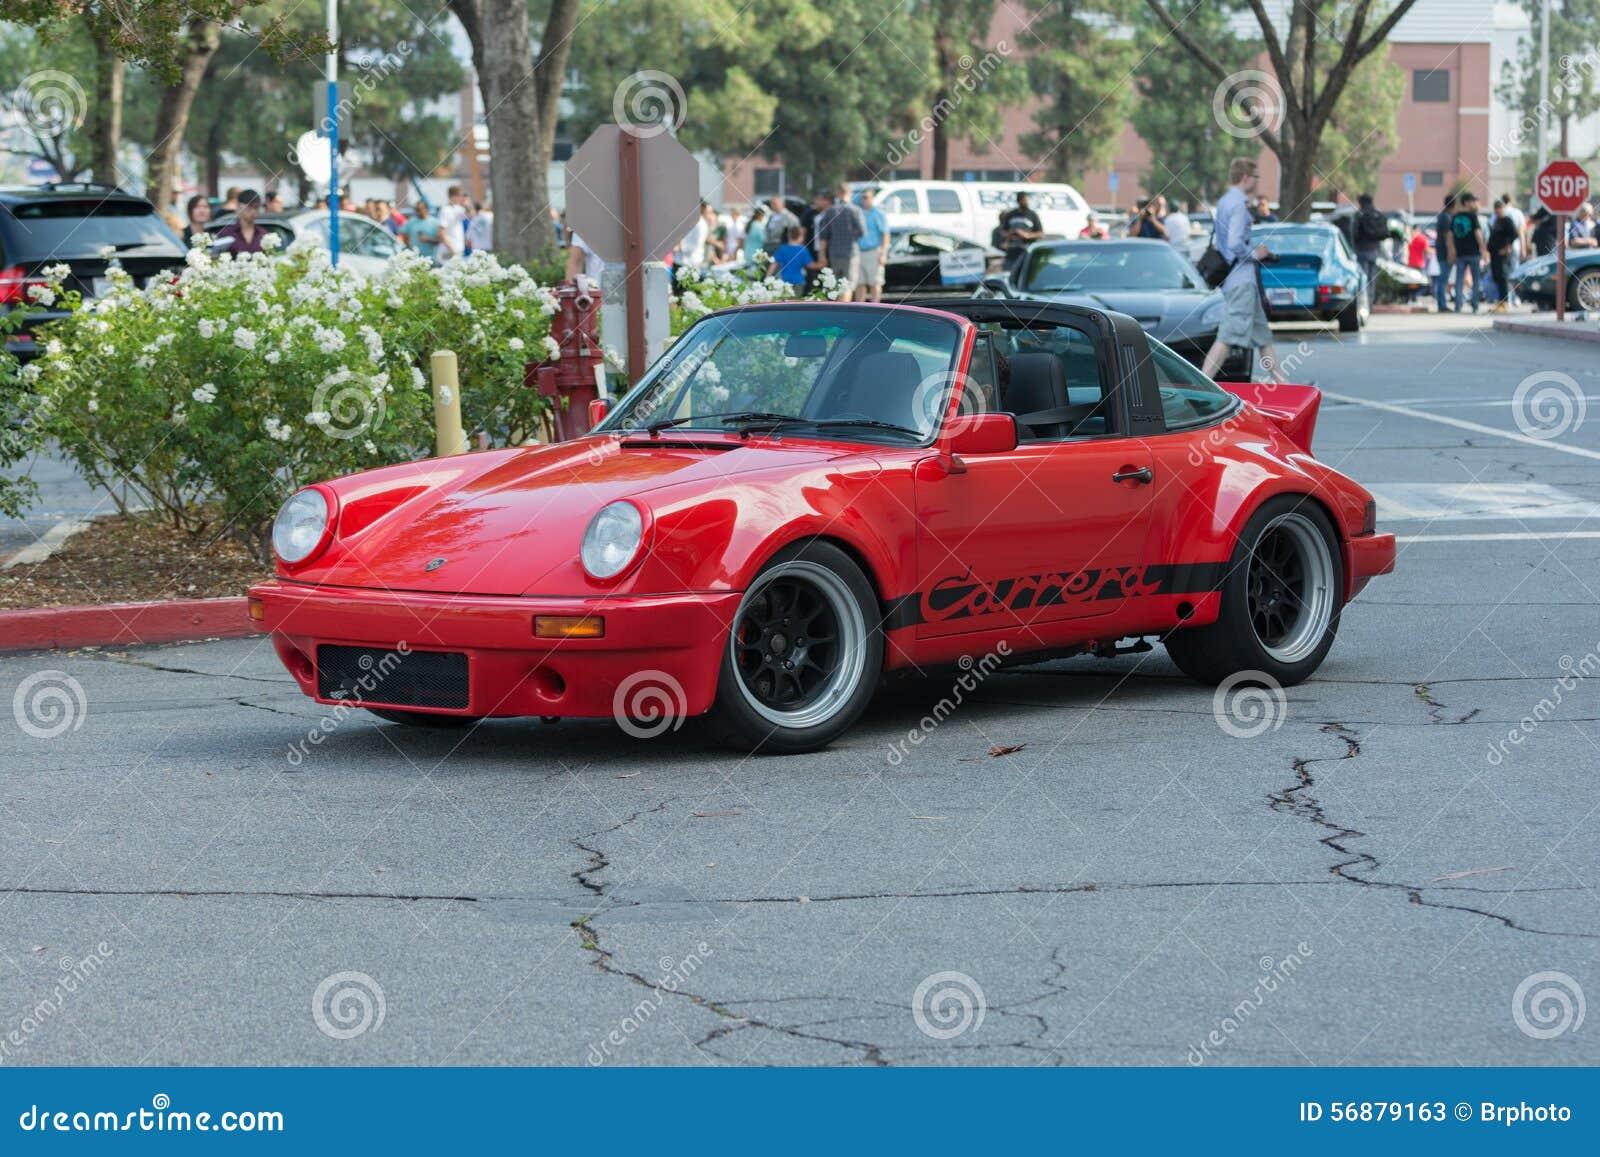 Porsche 911 Carrera Cabriolet car on display